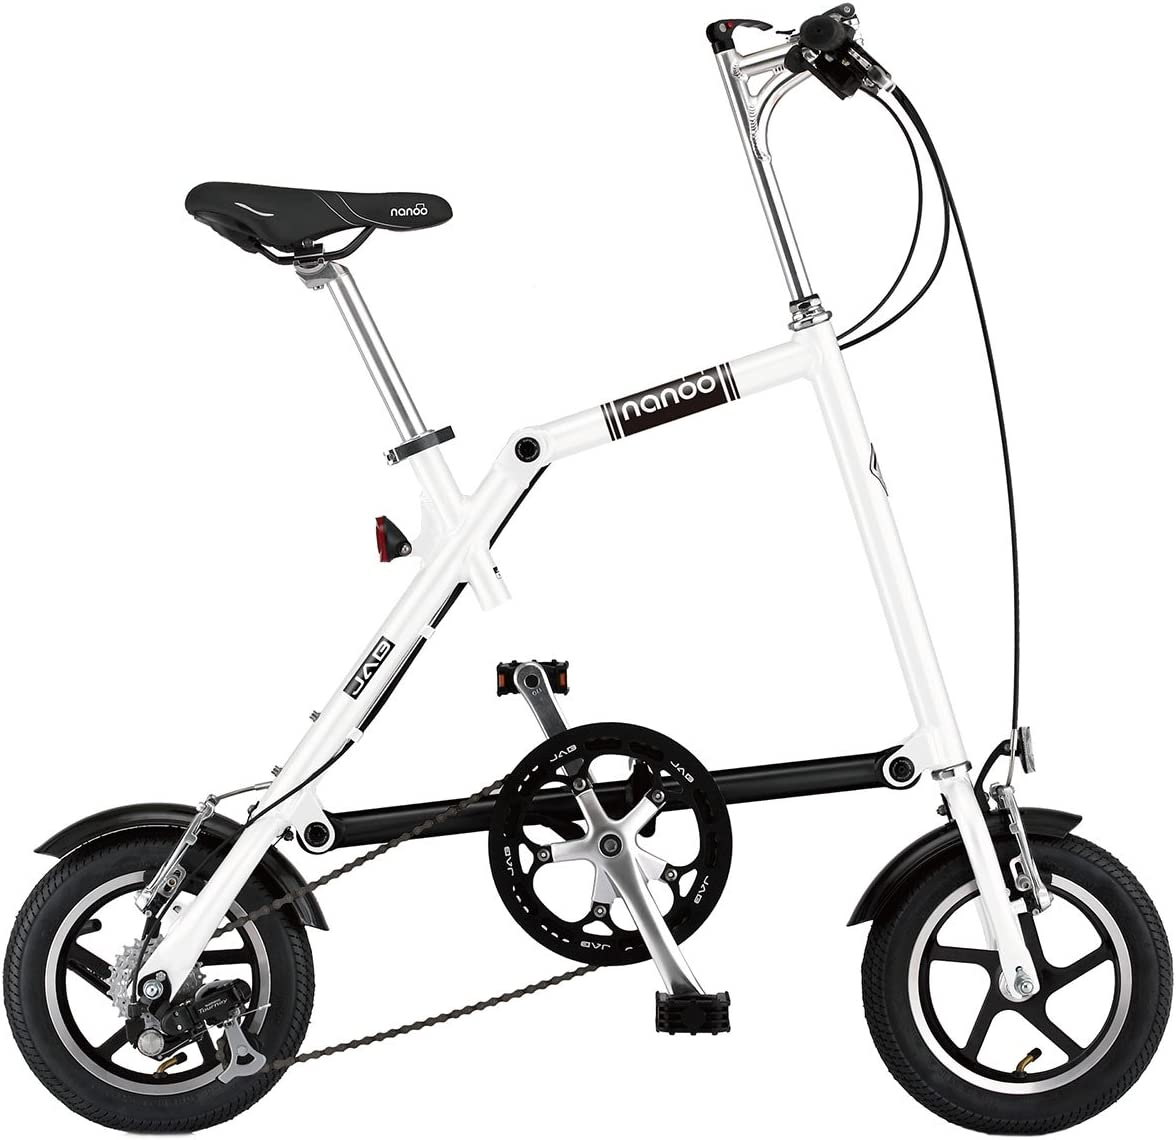 Nanoo FB12 Bicicleta plegable Nanoo Blanco: Amazon.es: Deportes y aire libre